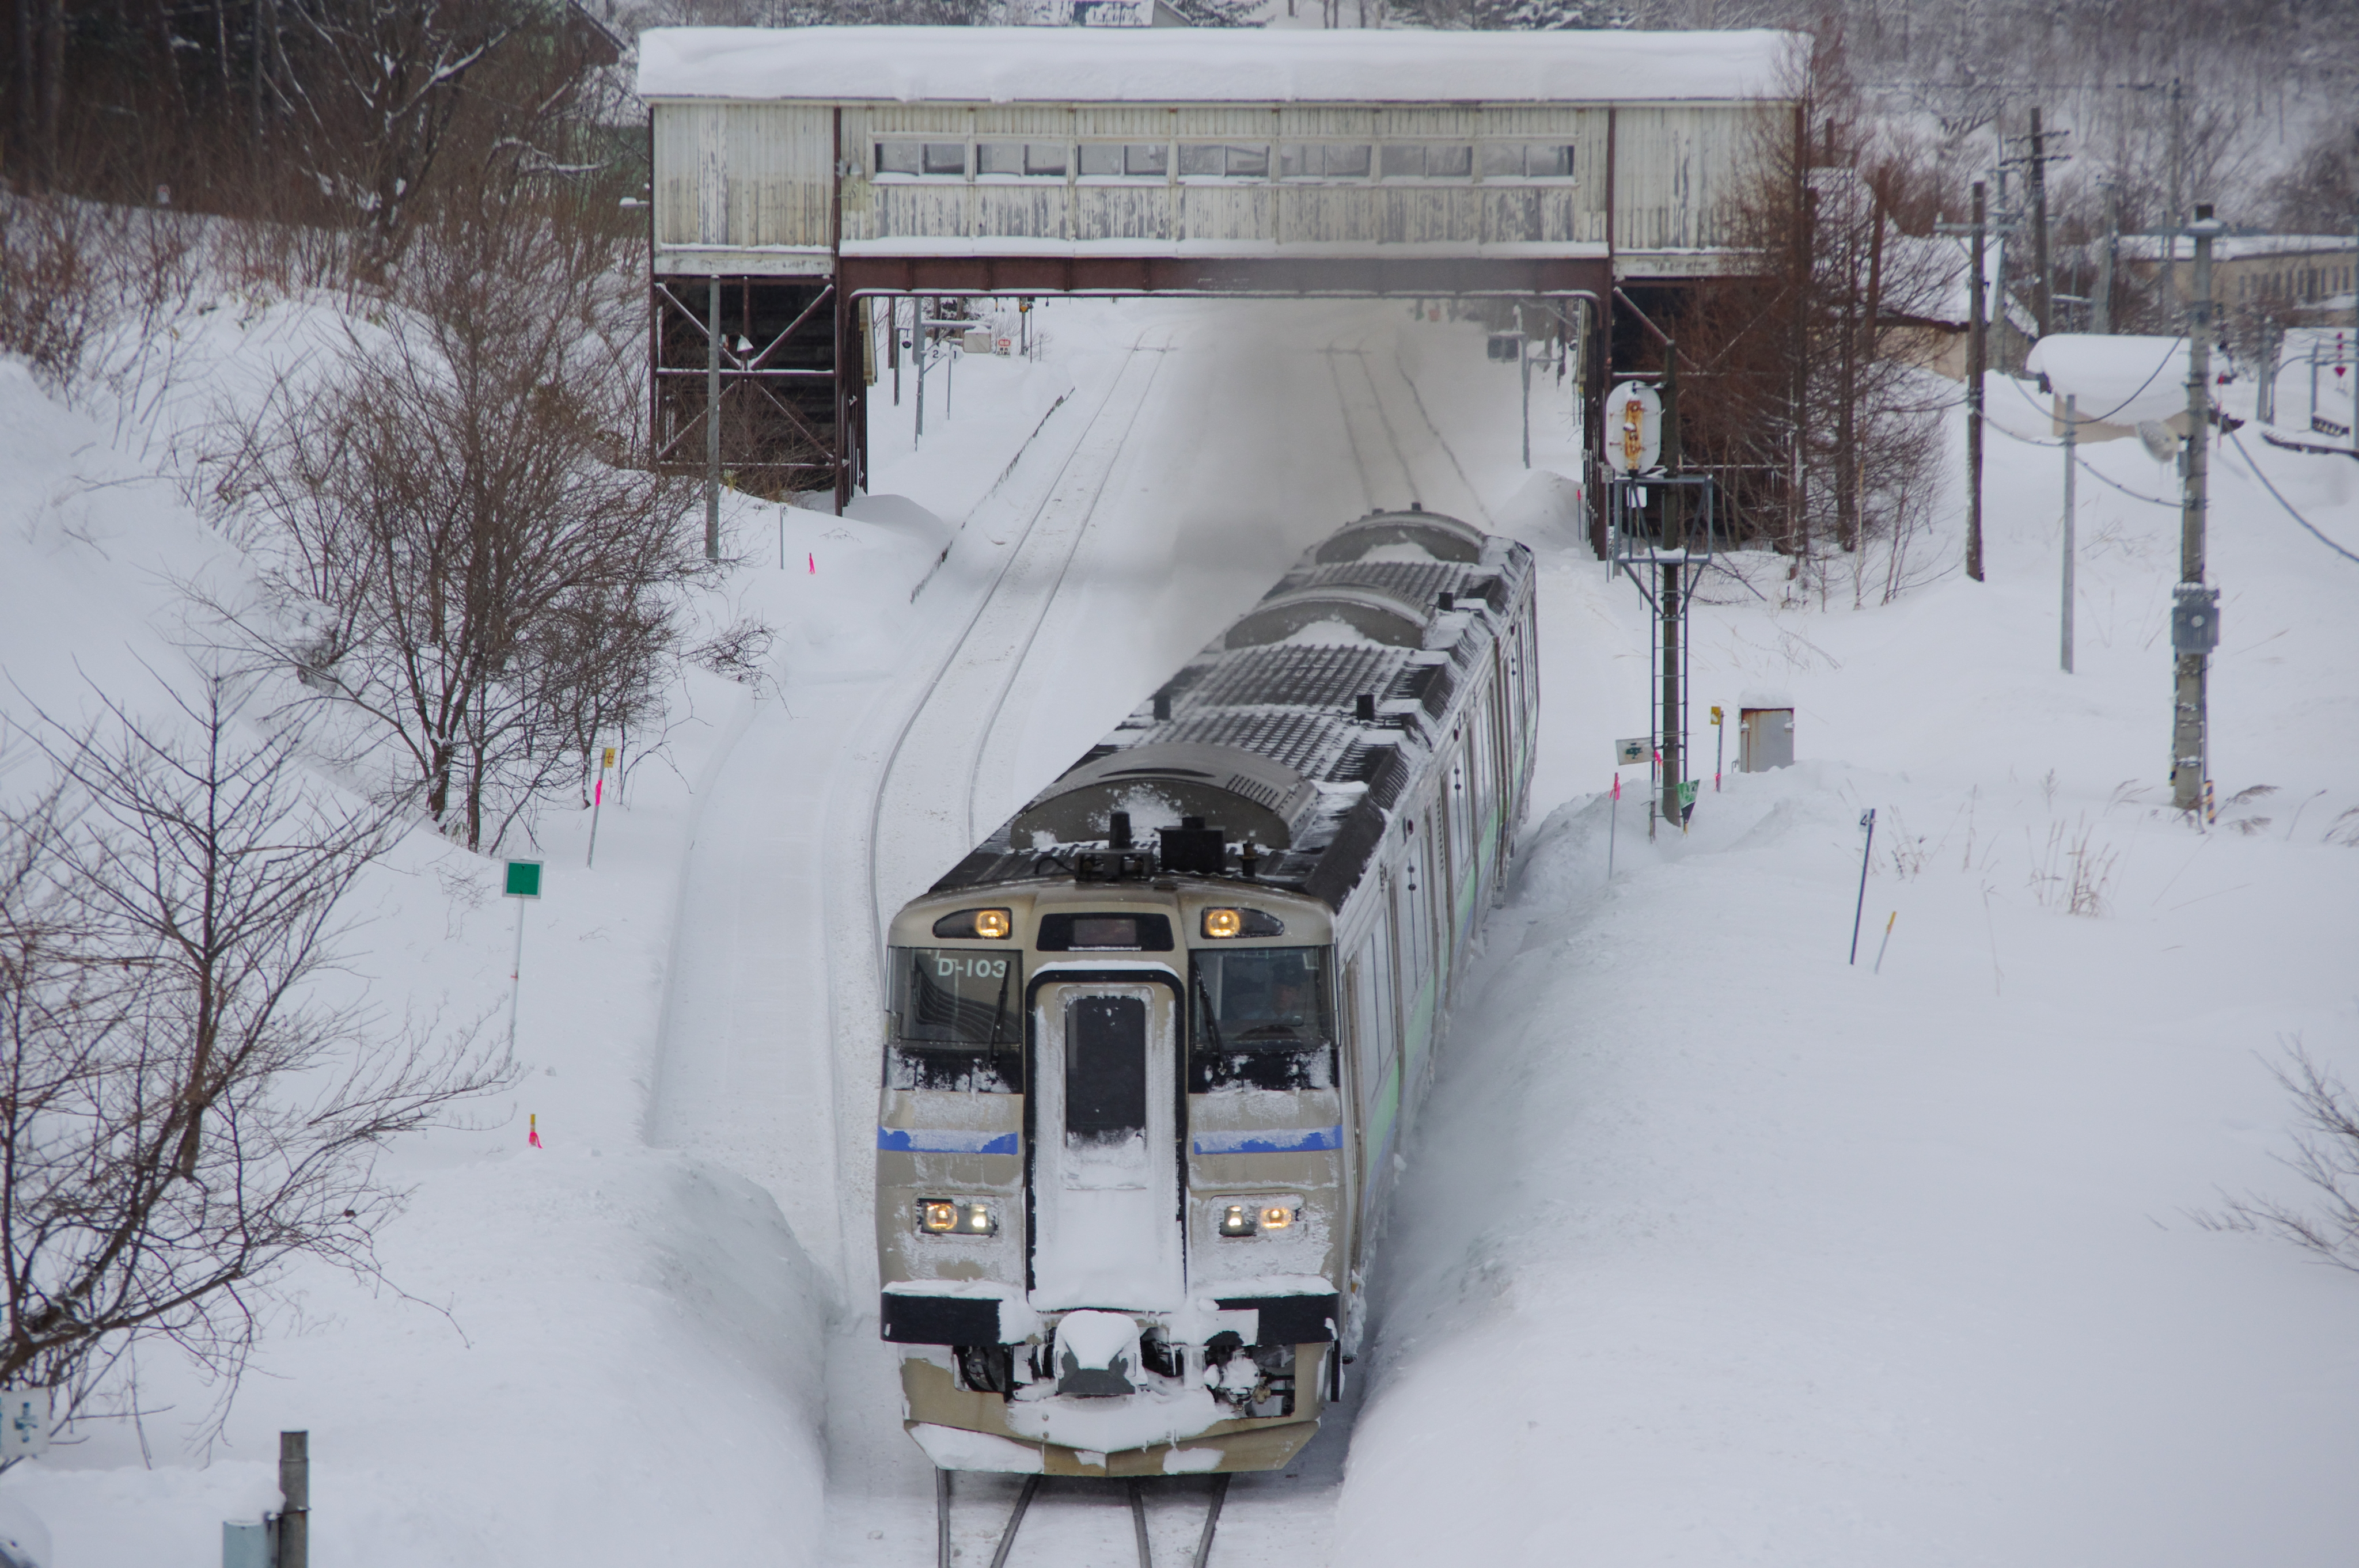 塩谷駅 3925D 快速ニセコライナー_190209 (3).jpg